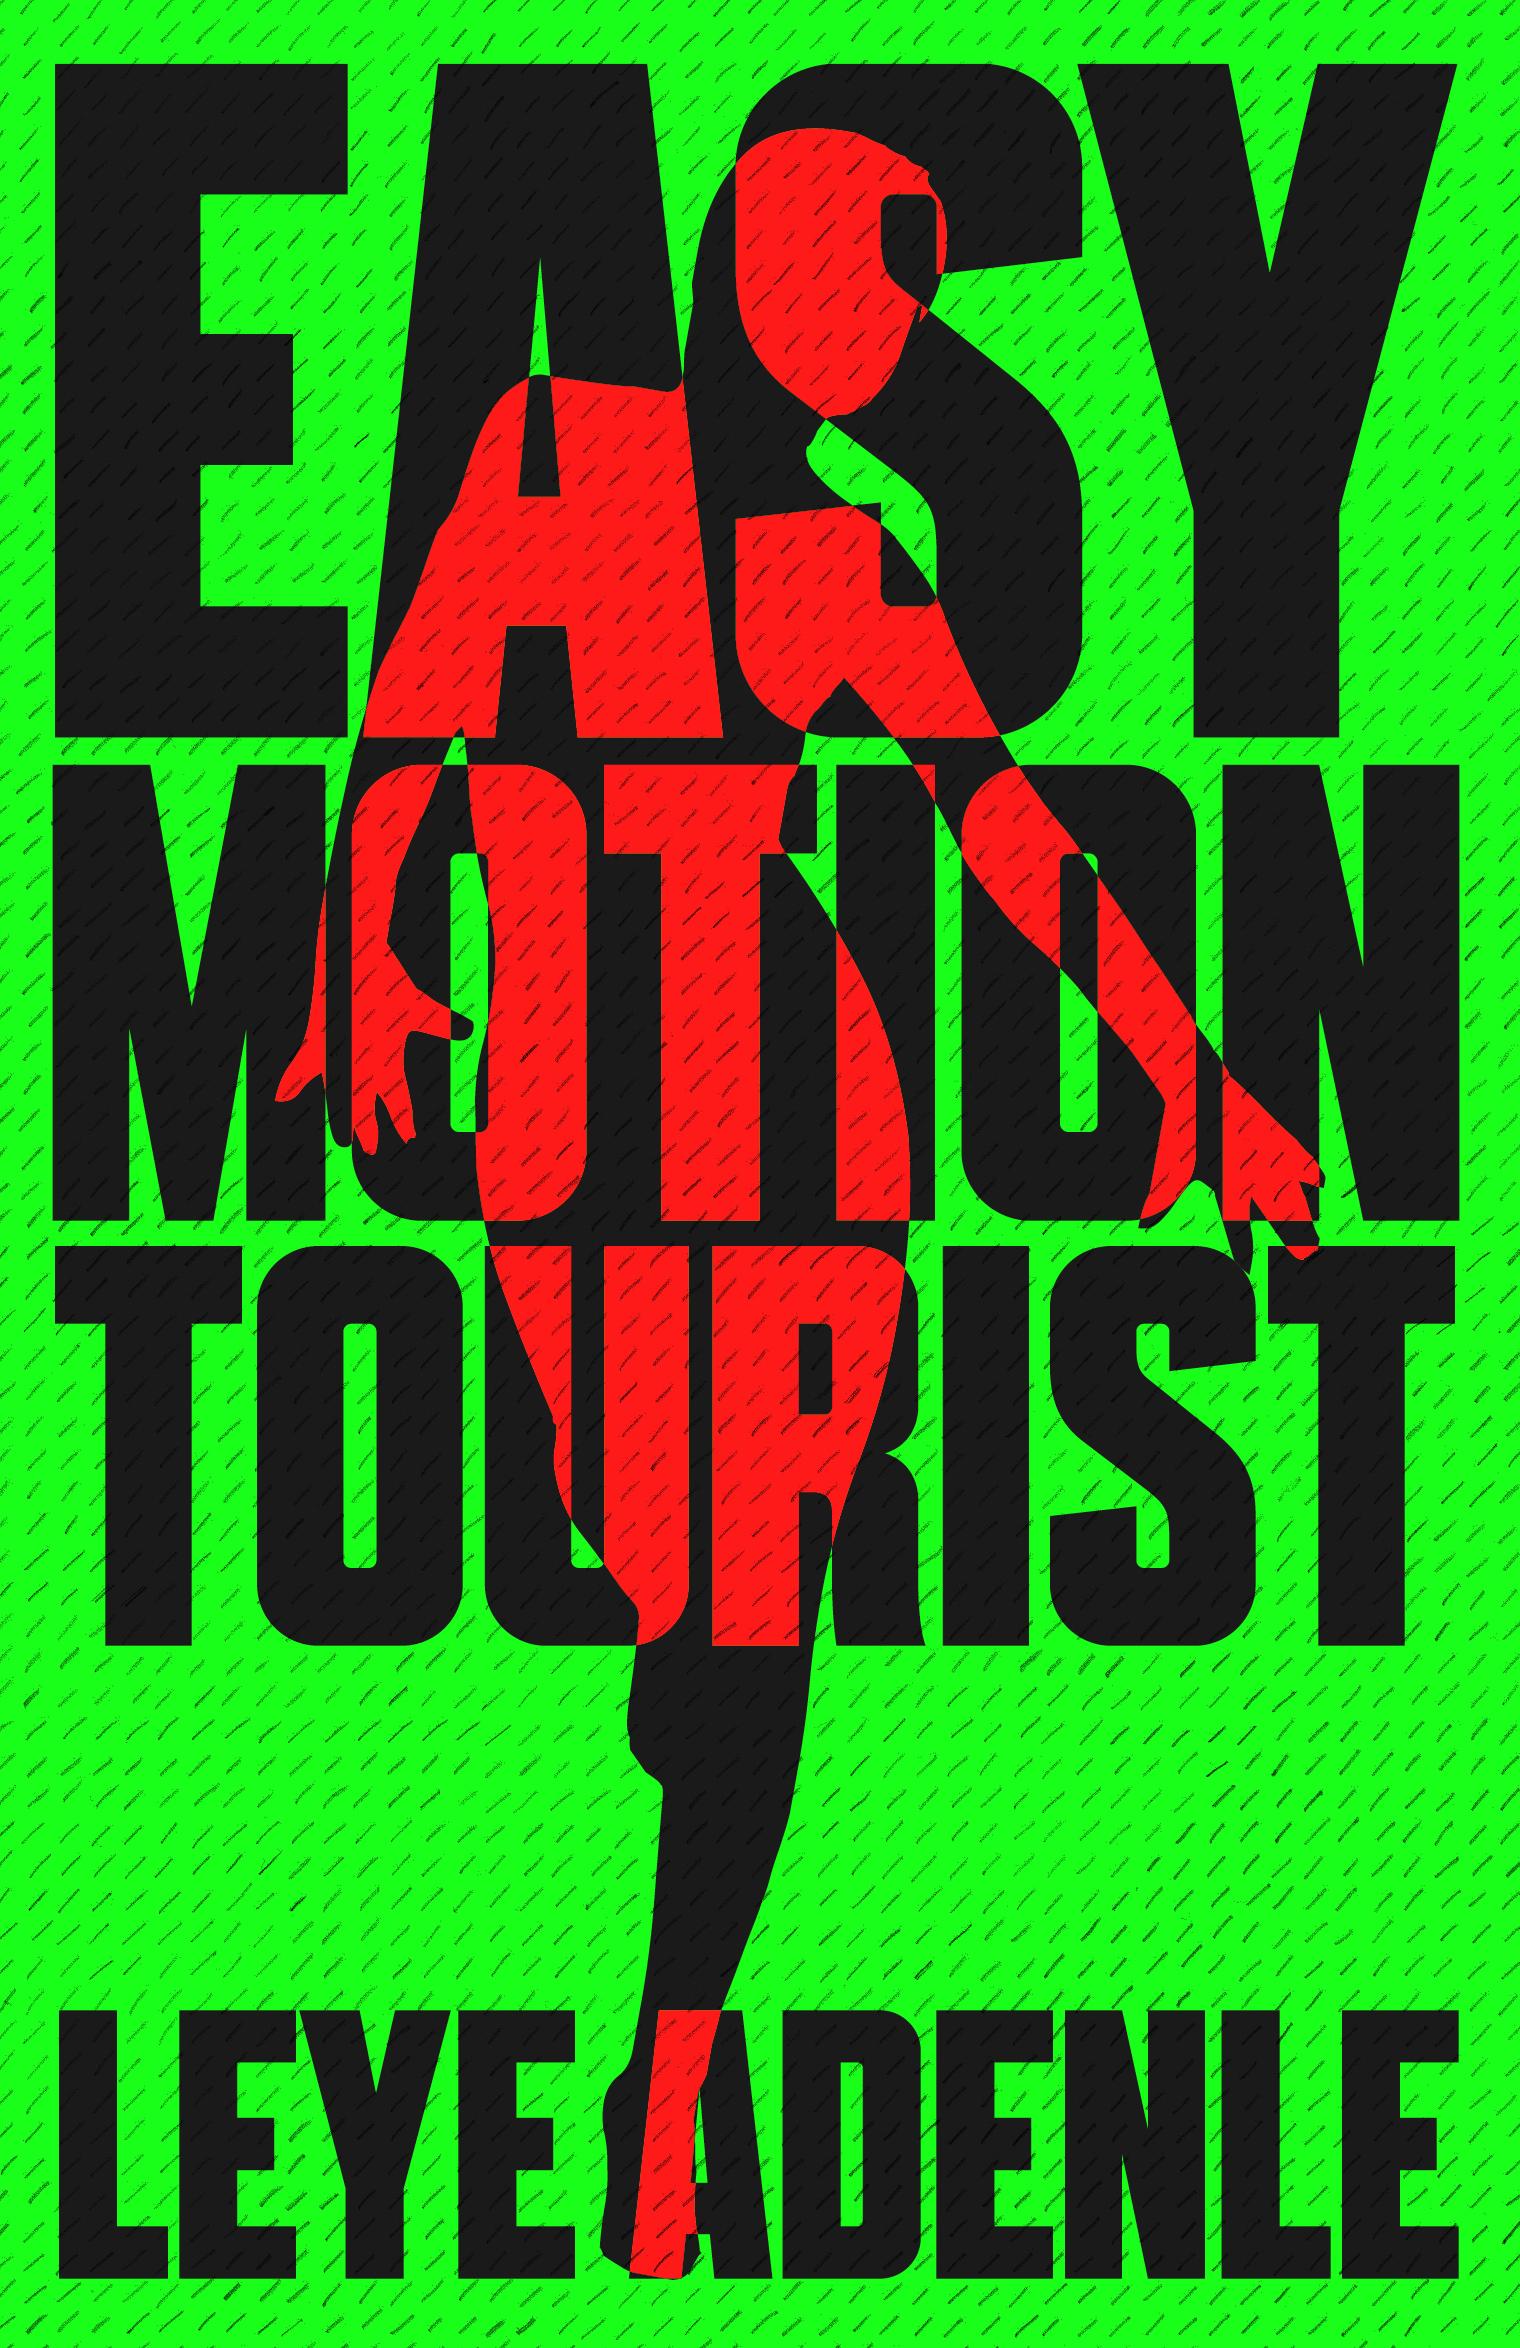 EASY MOTION TOURIST cover.jpg